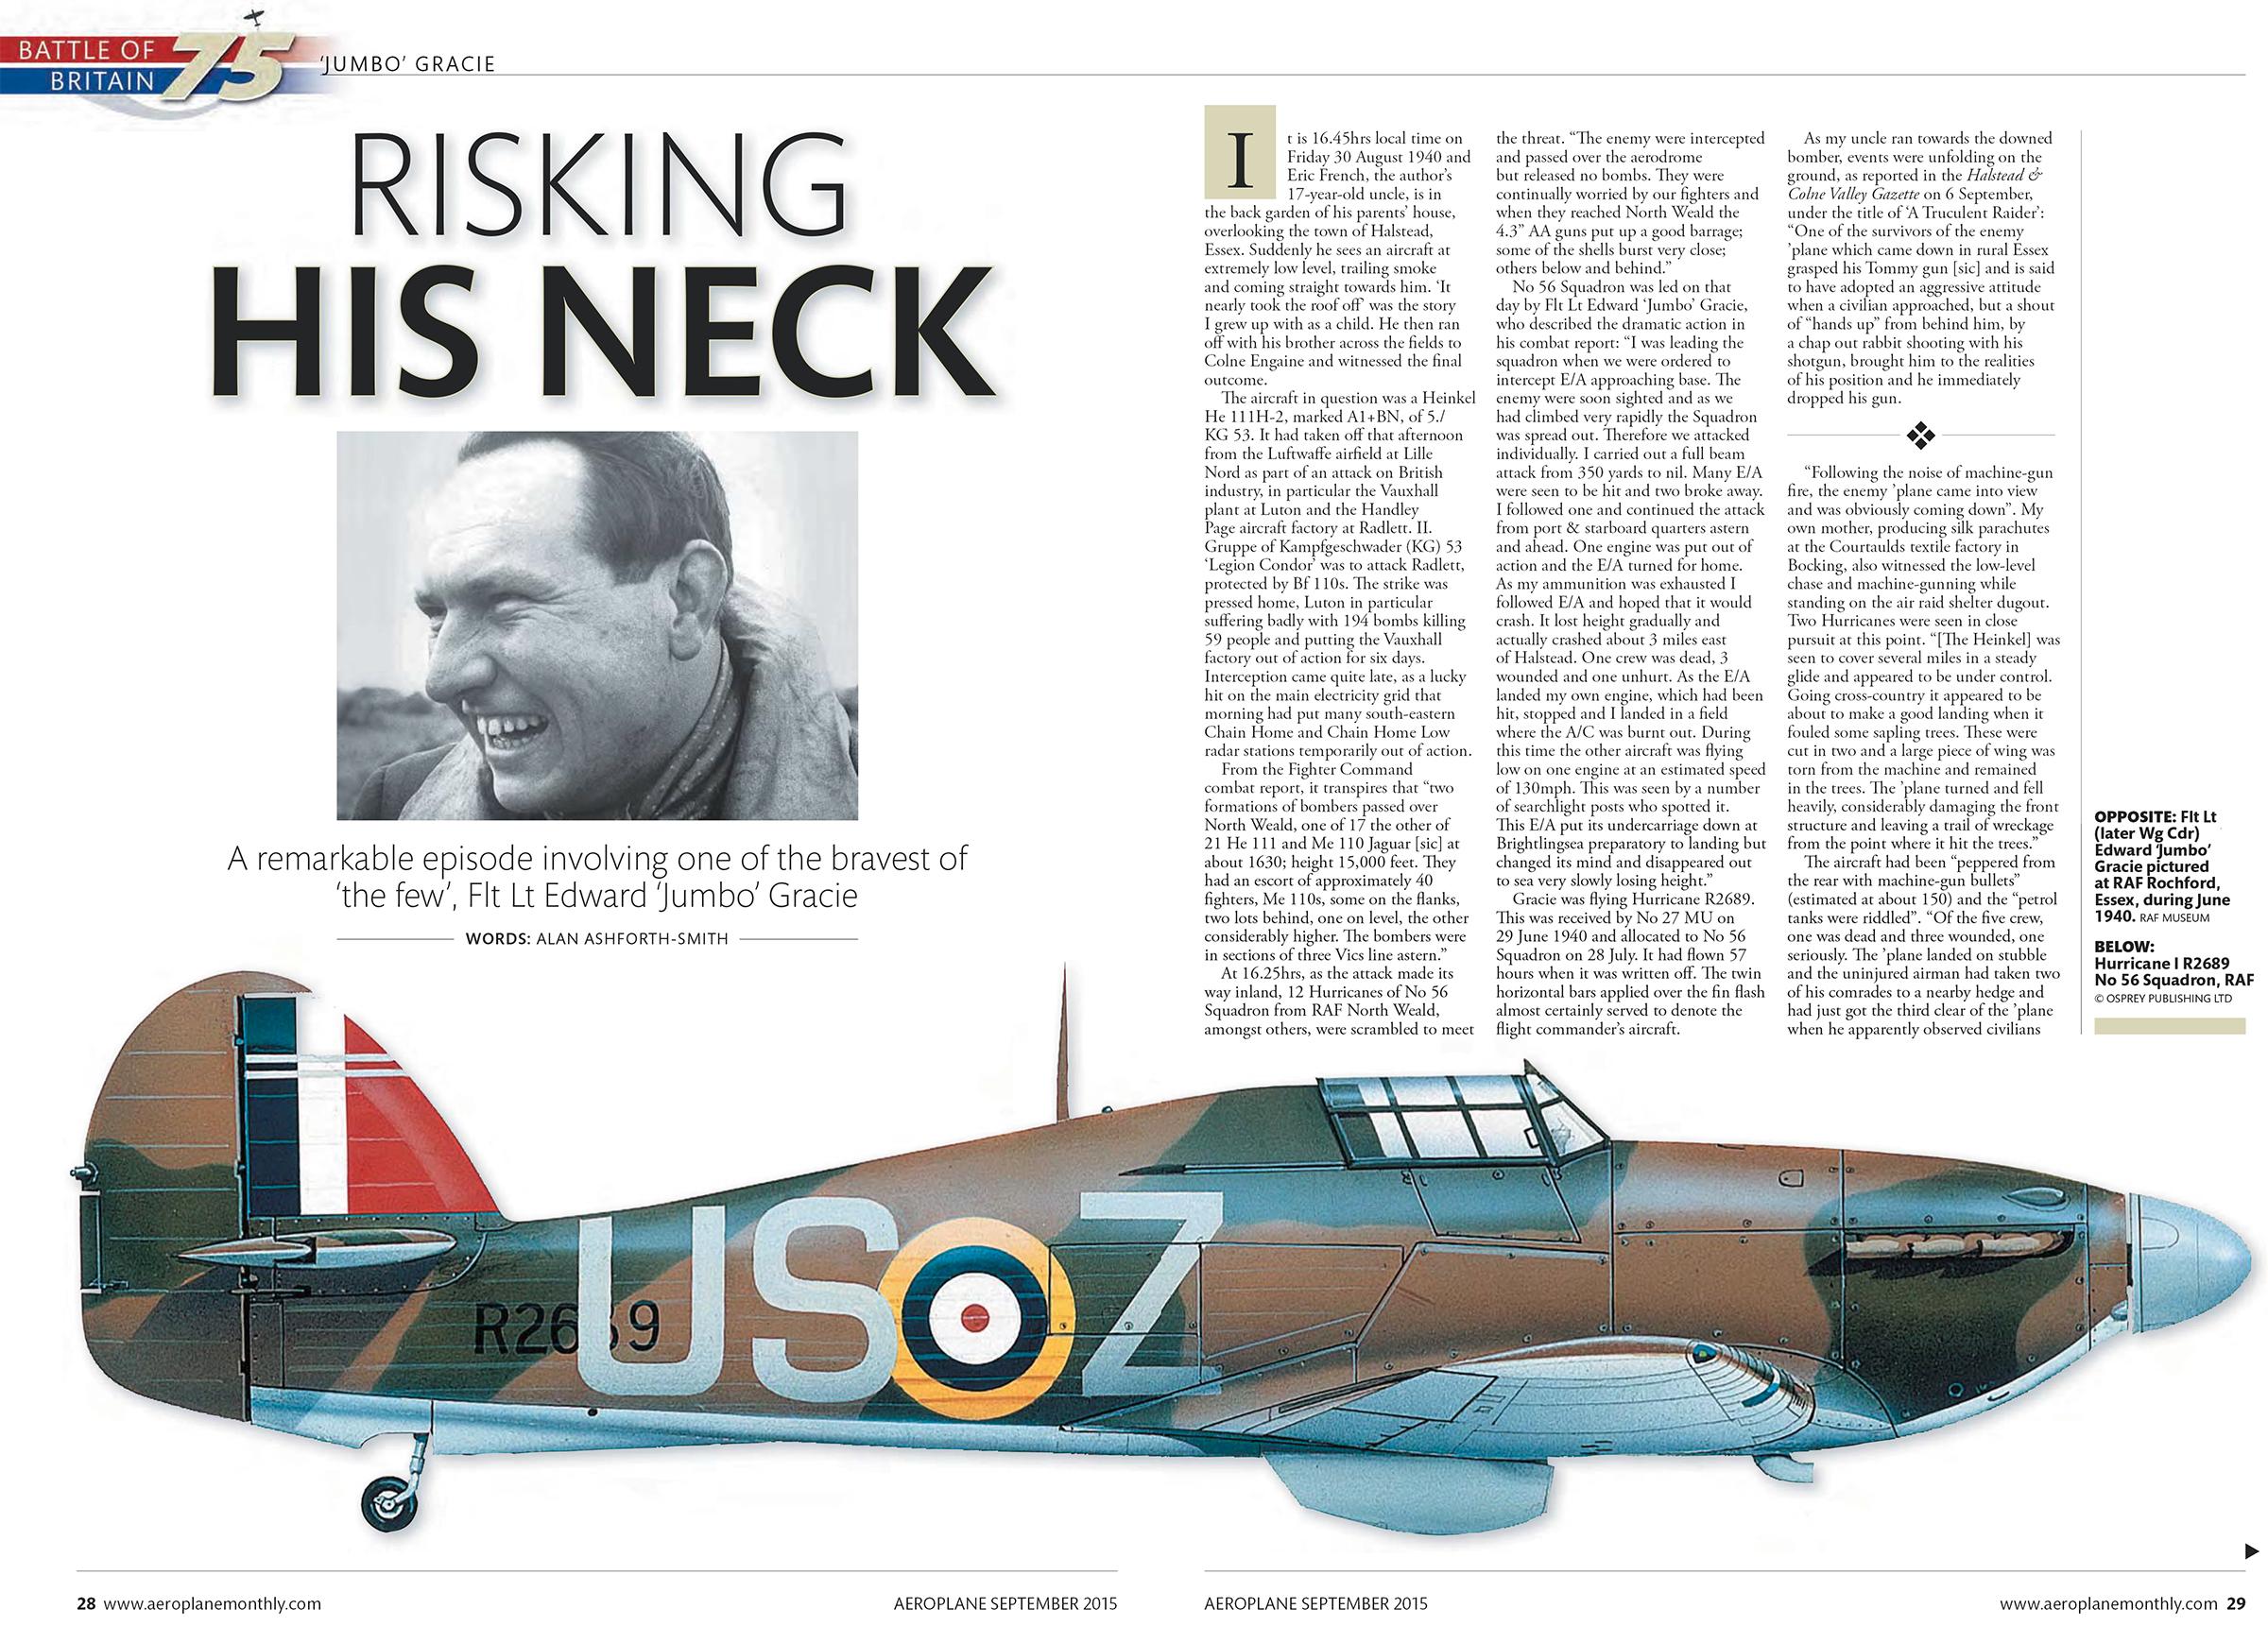 Hawker Hurricane I RAF 56Sqn USZ Edward Gracie R2689 Battle of Britain 30th Aug 1940 0A